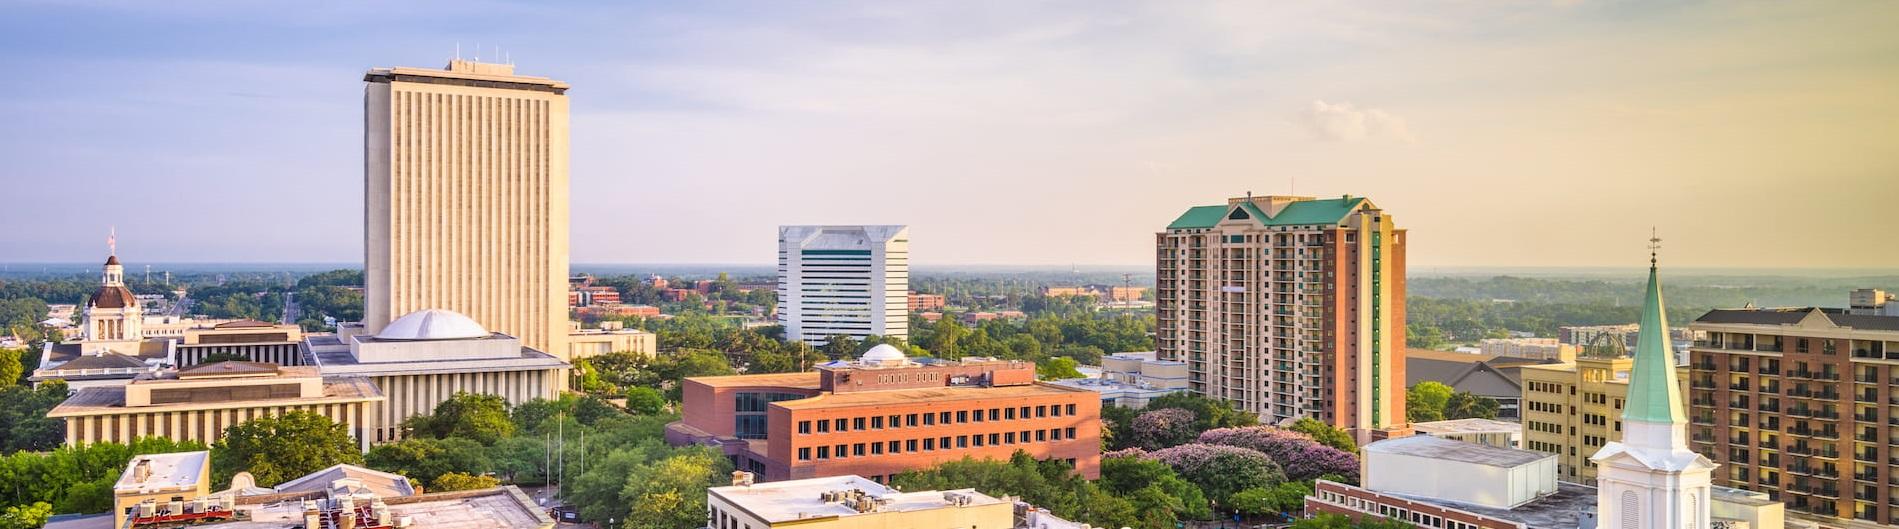 I-Tallahassee, FL